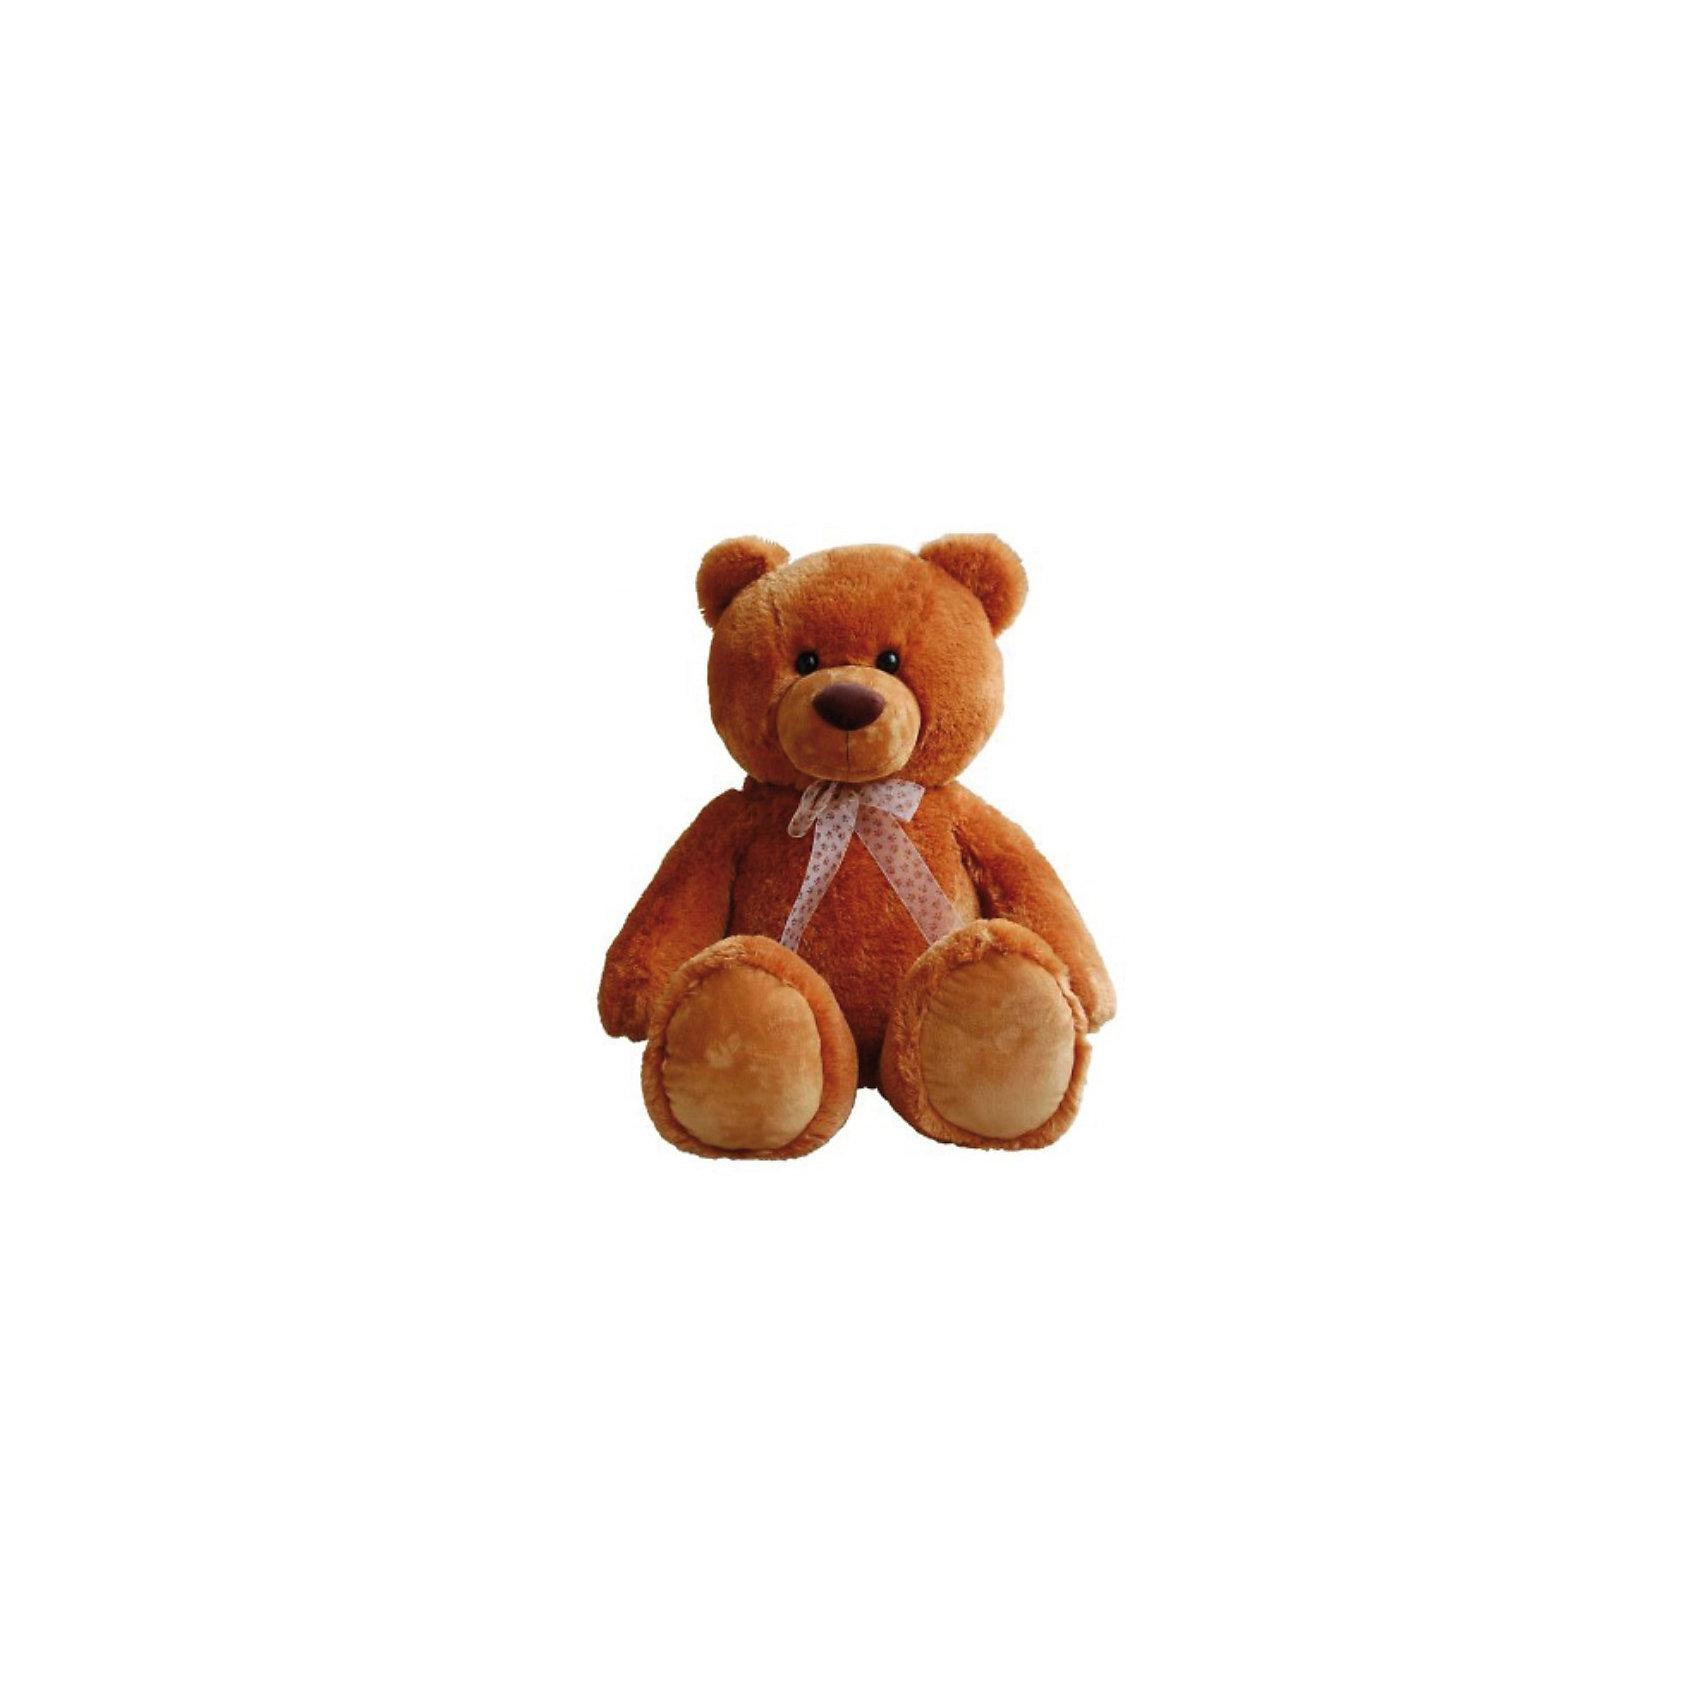 AURORA AURORA Мягкая игрушка Медведь сидячий (коричневый), 80 см aurora медведь 50 см